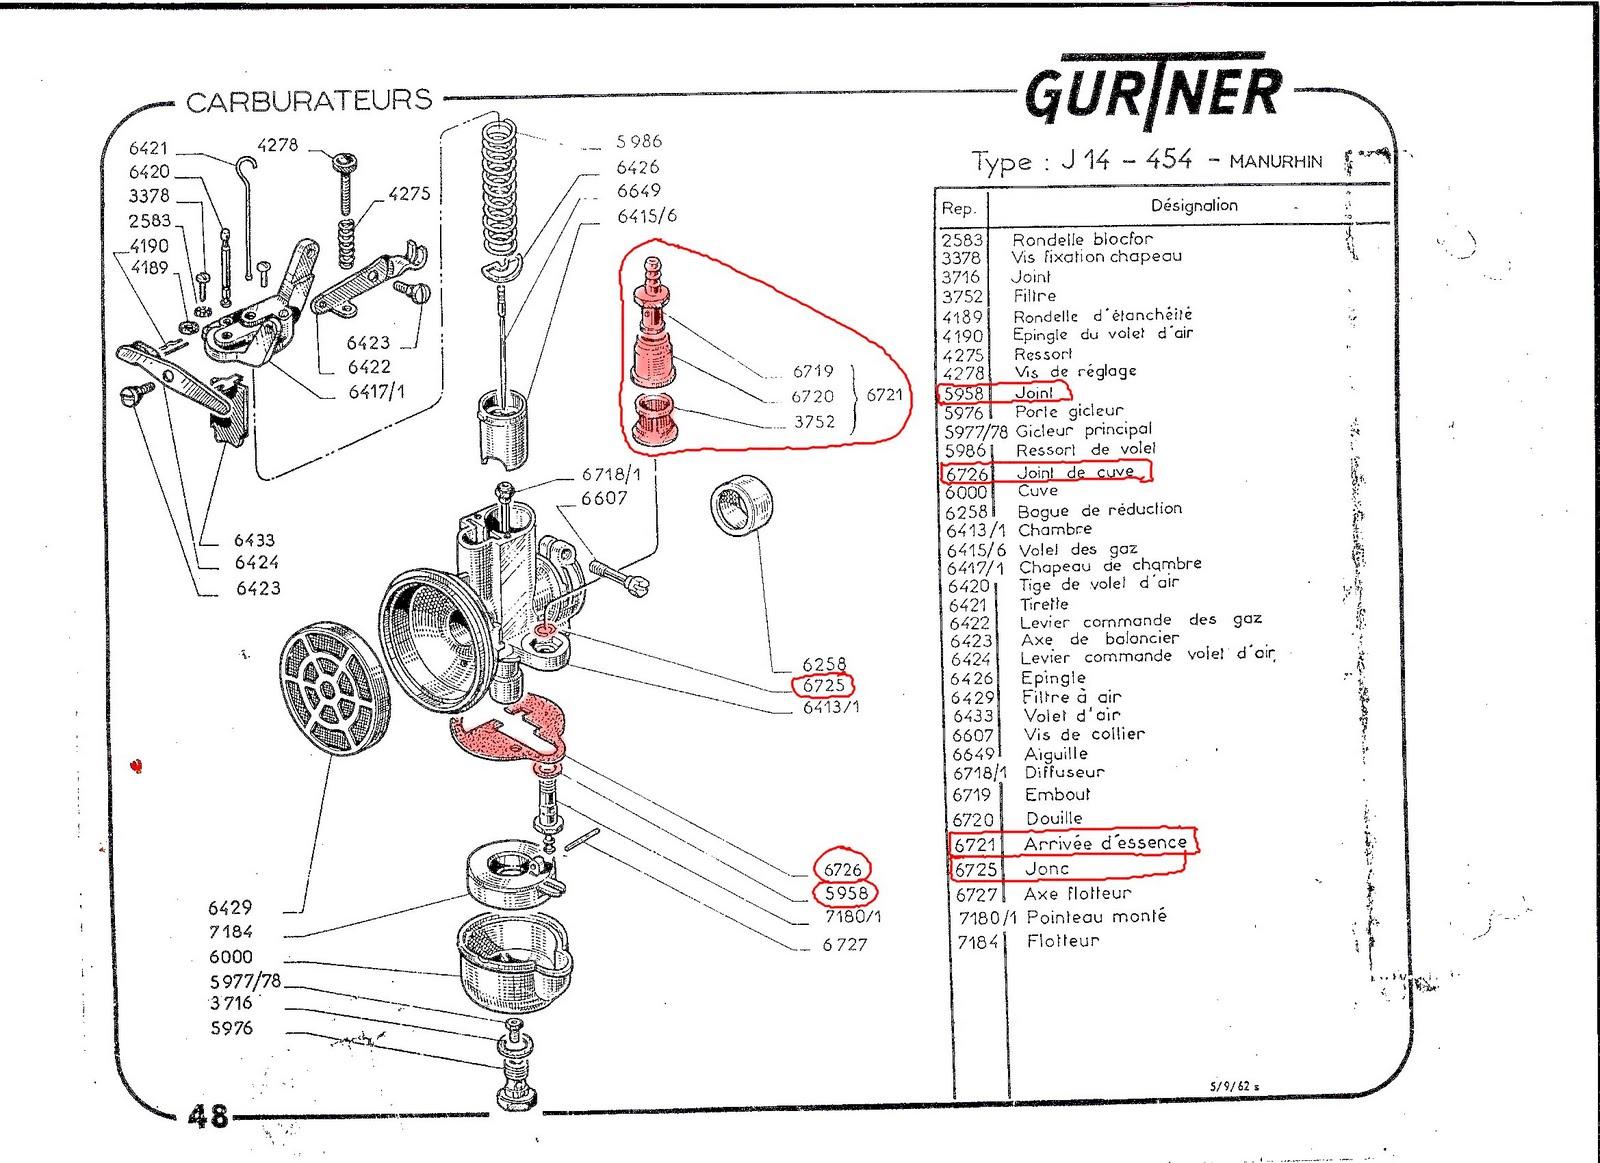 The making of a Manurhin: Carburettor repair